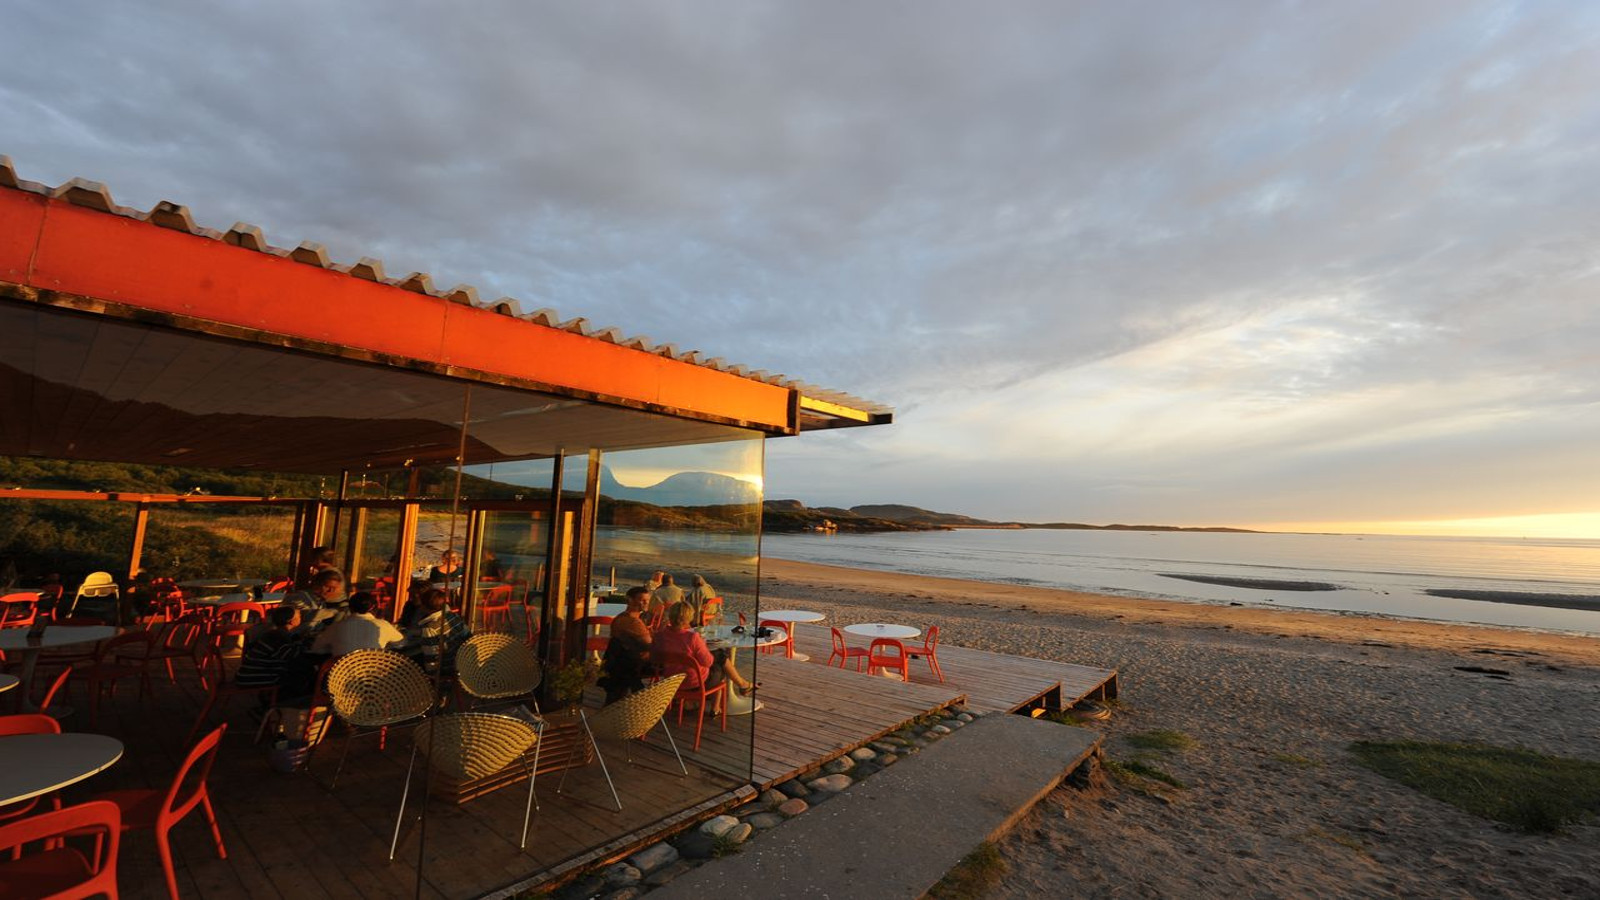 Strandbaren på Stokkøya Sjøsenter i Åfjord, Trøndelag, Foto: Tuva Klevan